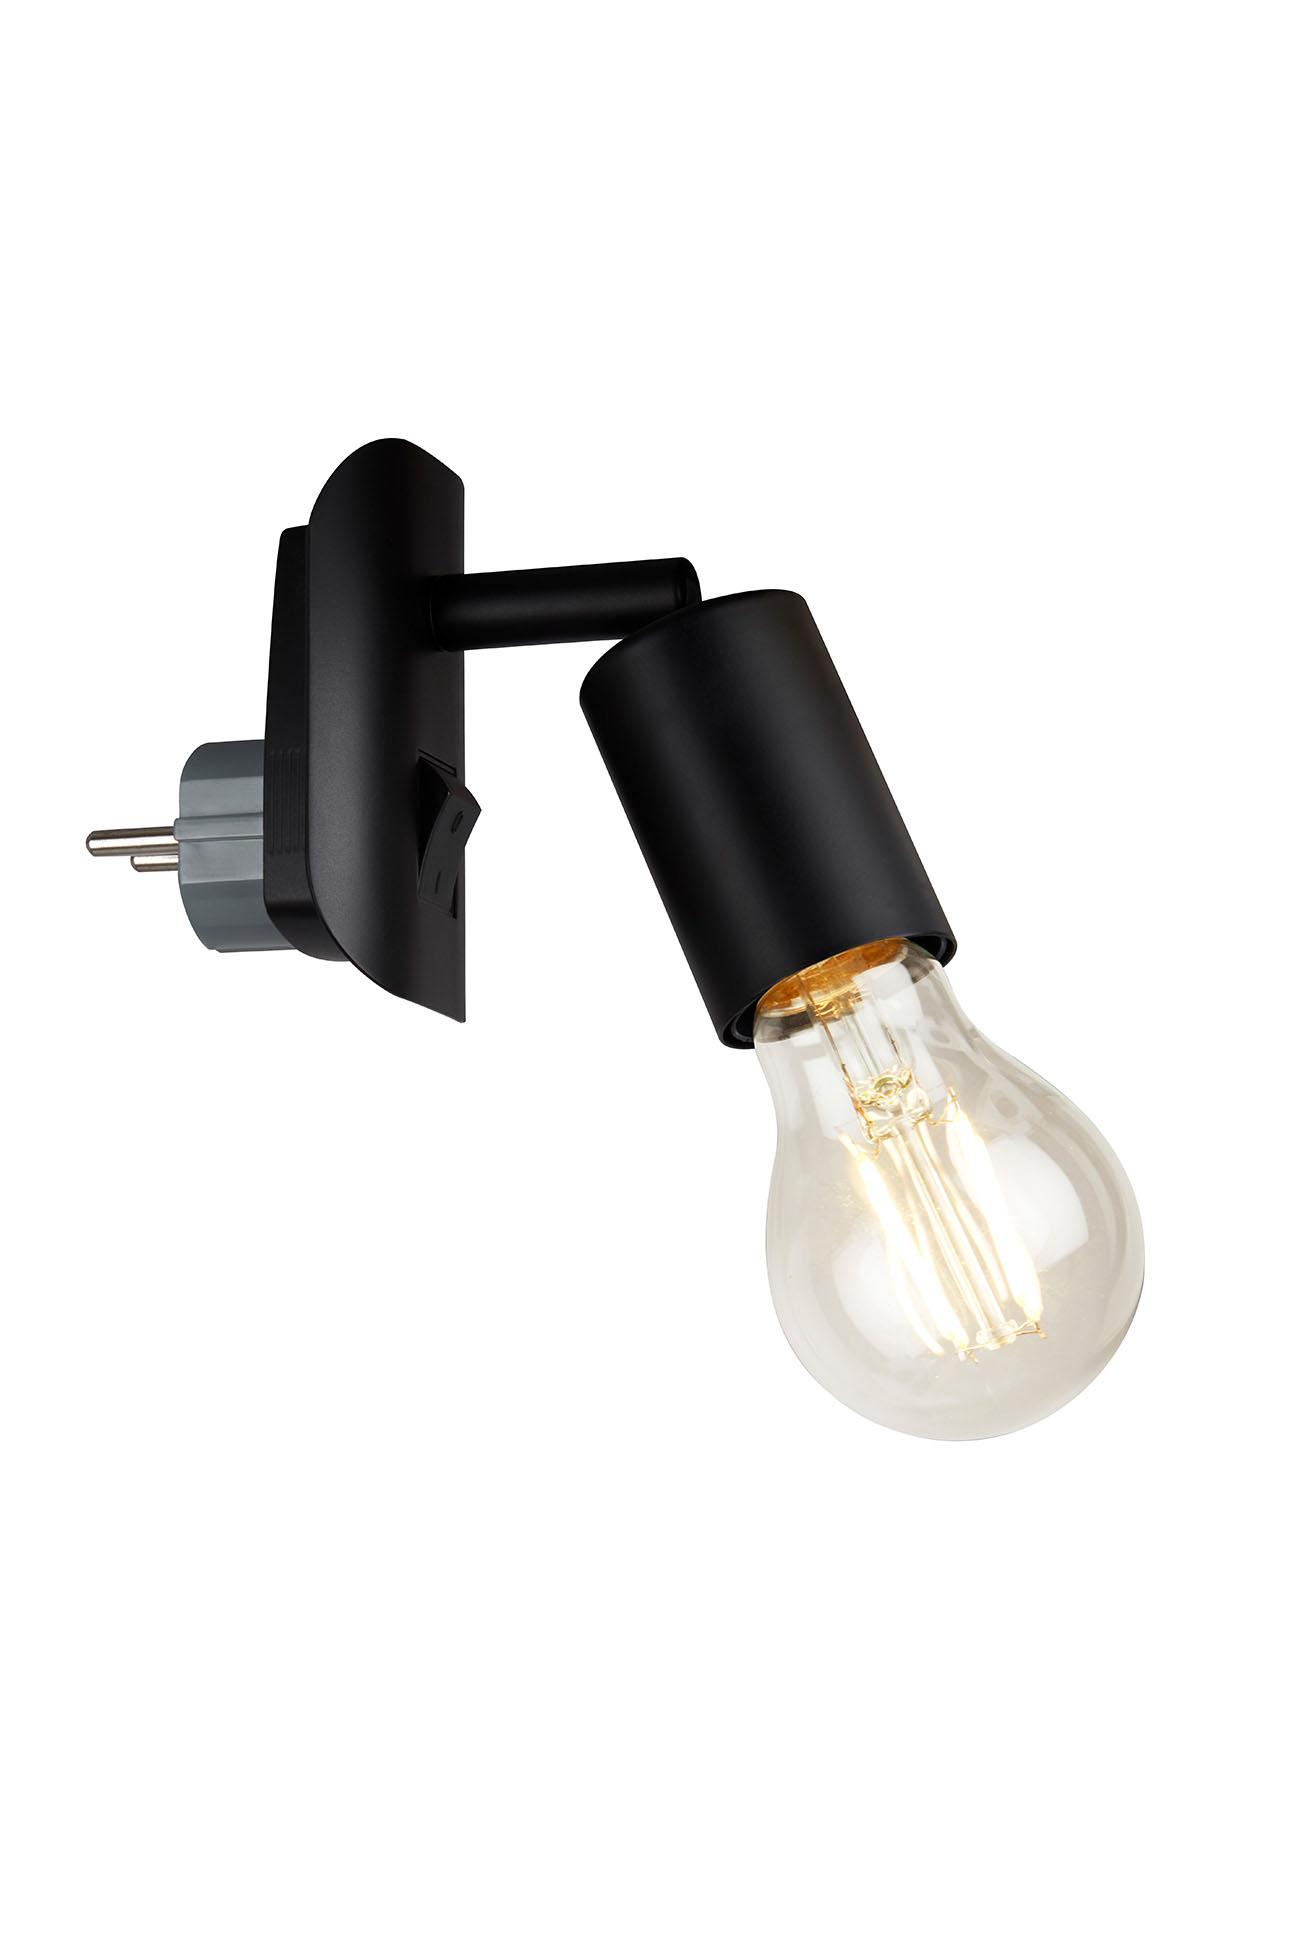 LED Steckerleuchte, 9,5 cm, max. 25 W, Schwarz